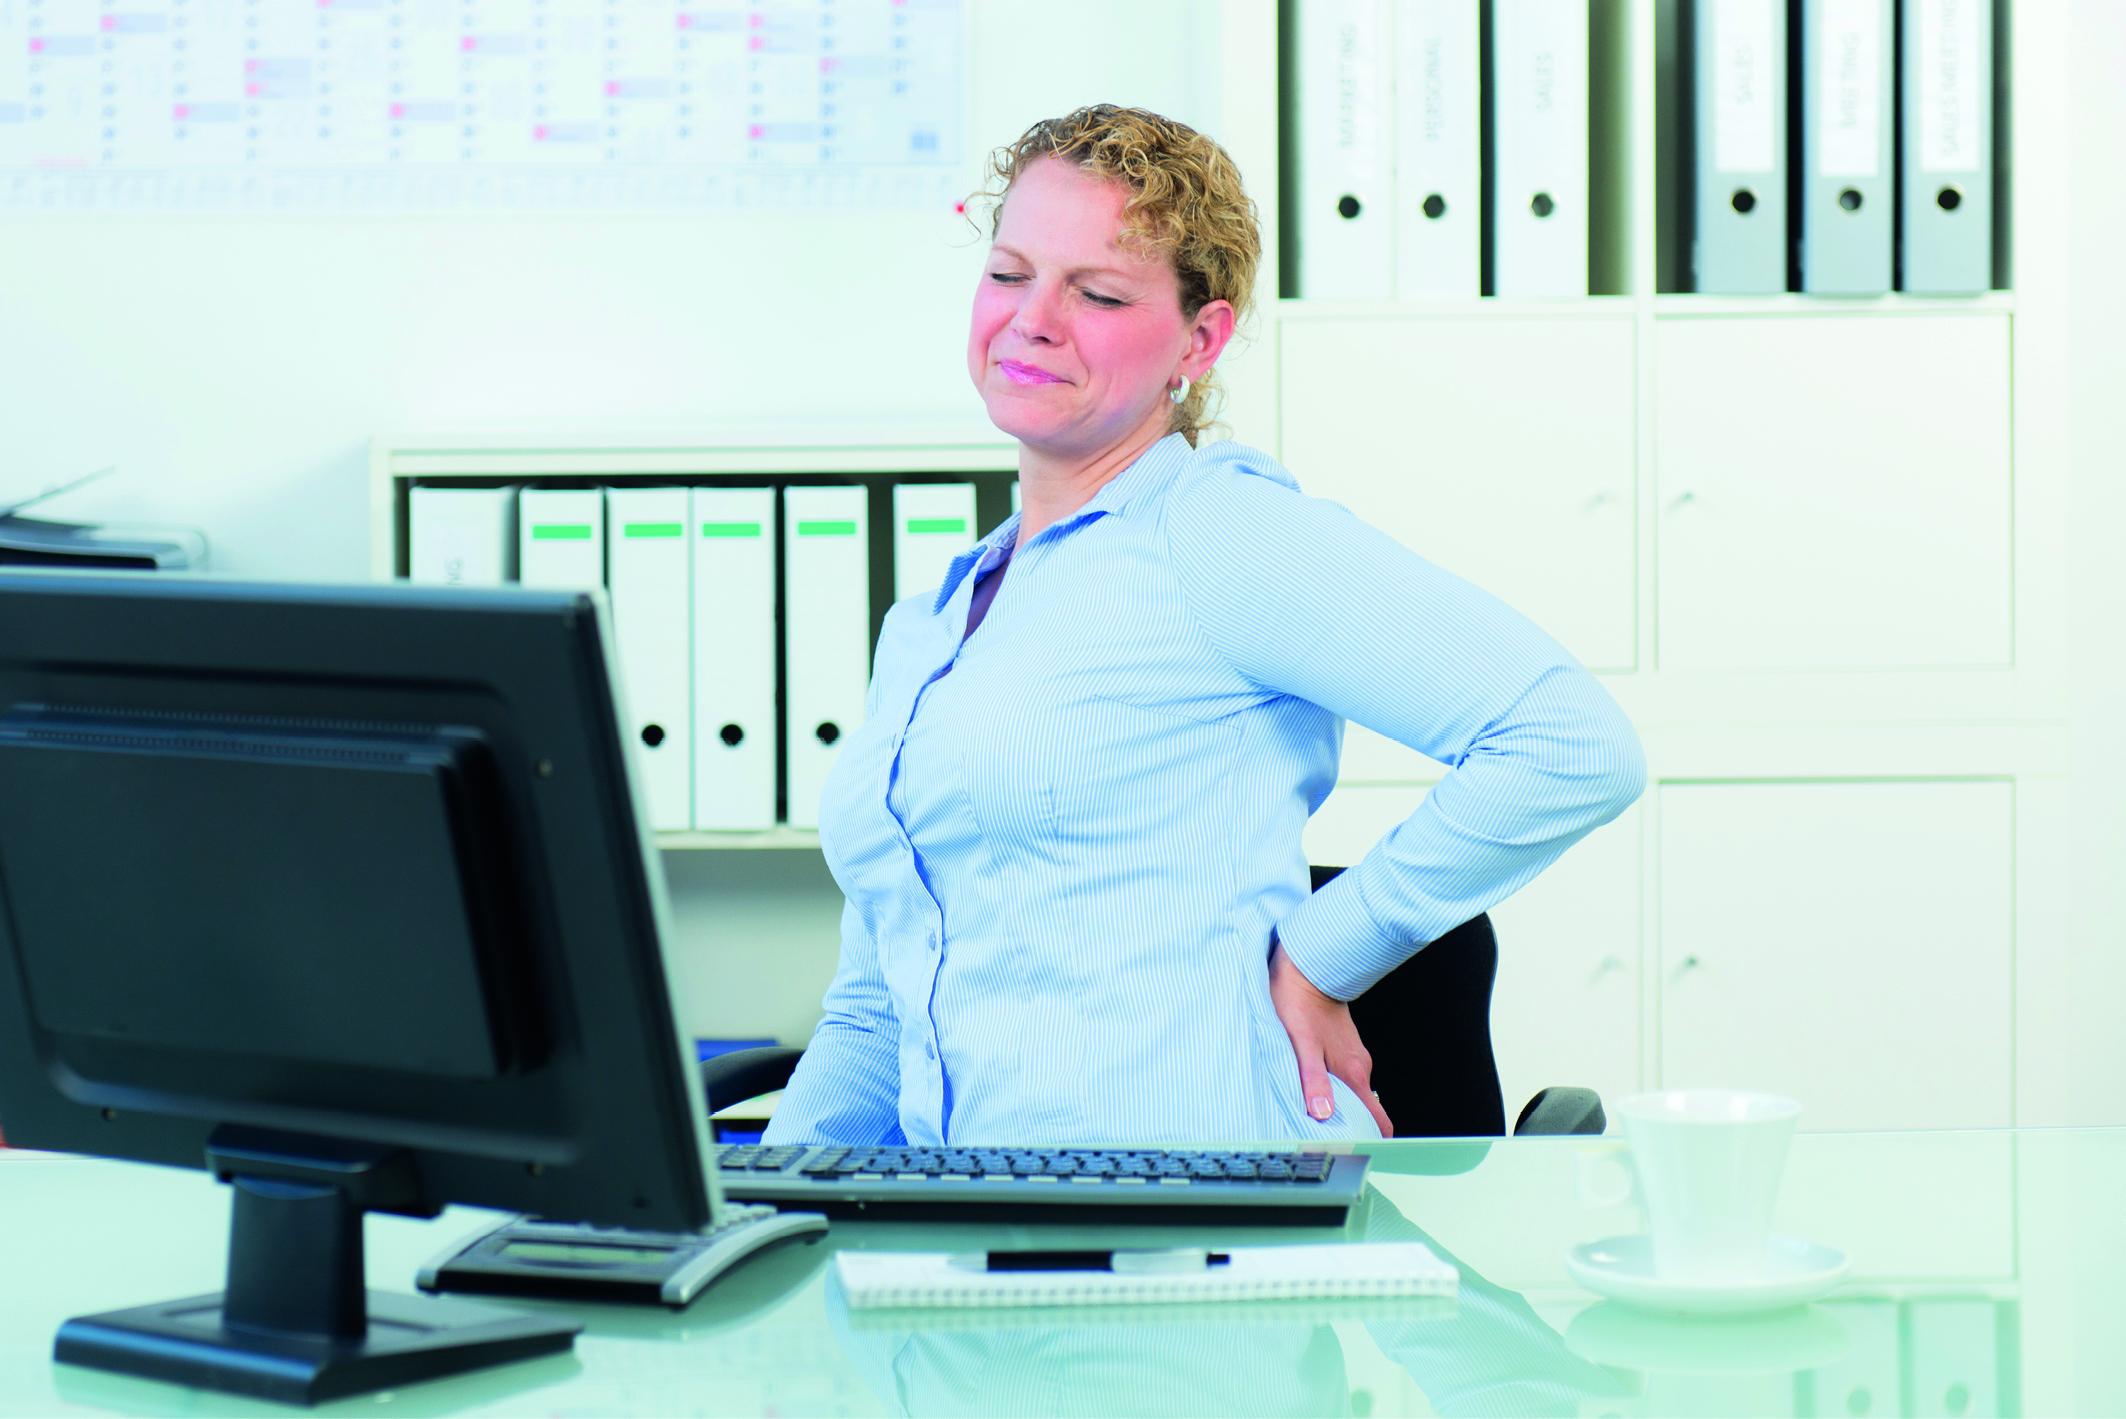 Rückenschmerzen: eine Frau sitzt an ihrem Schreibtisch und hält sich vor Schmerzen den Rücken